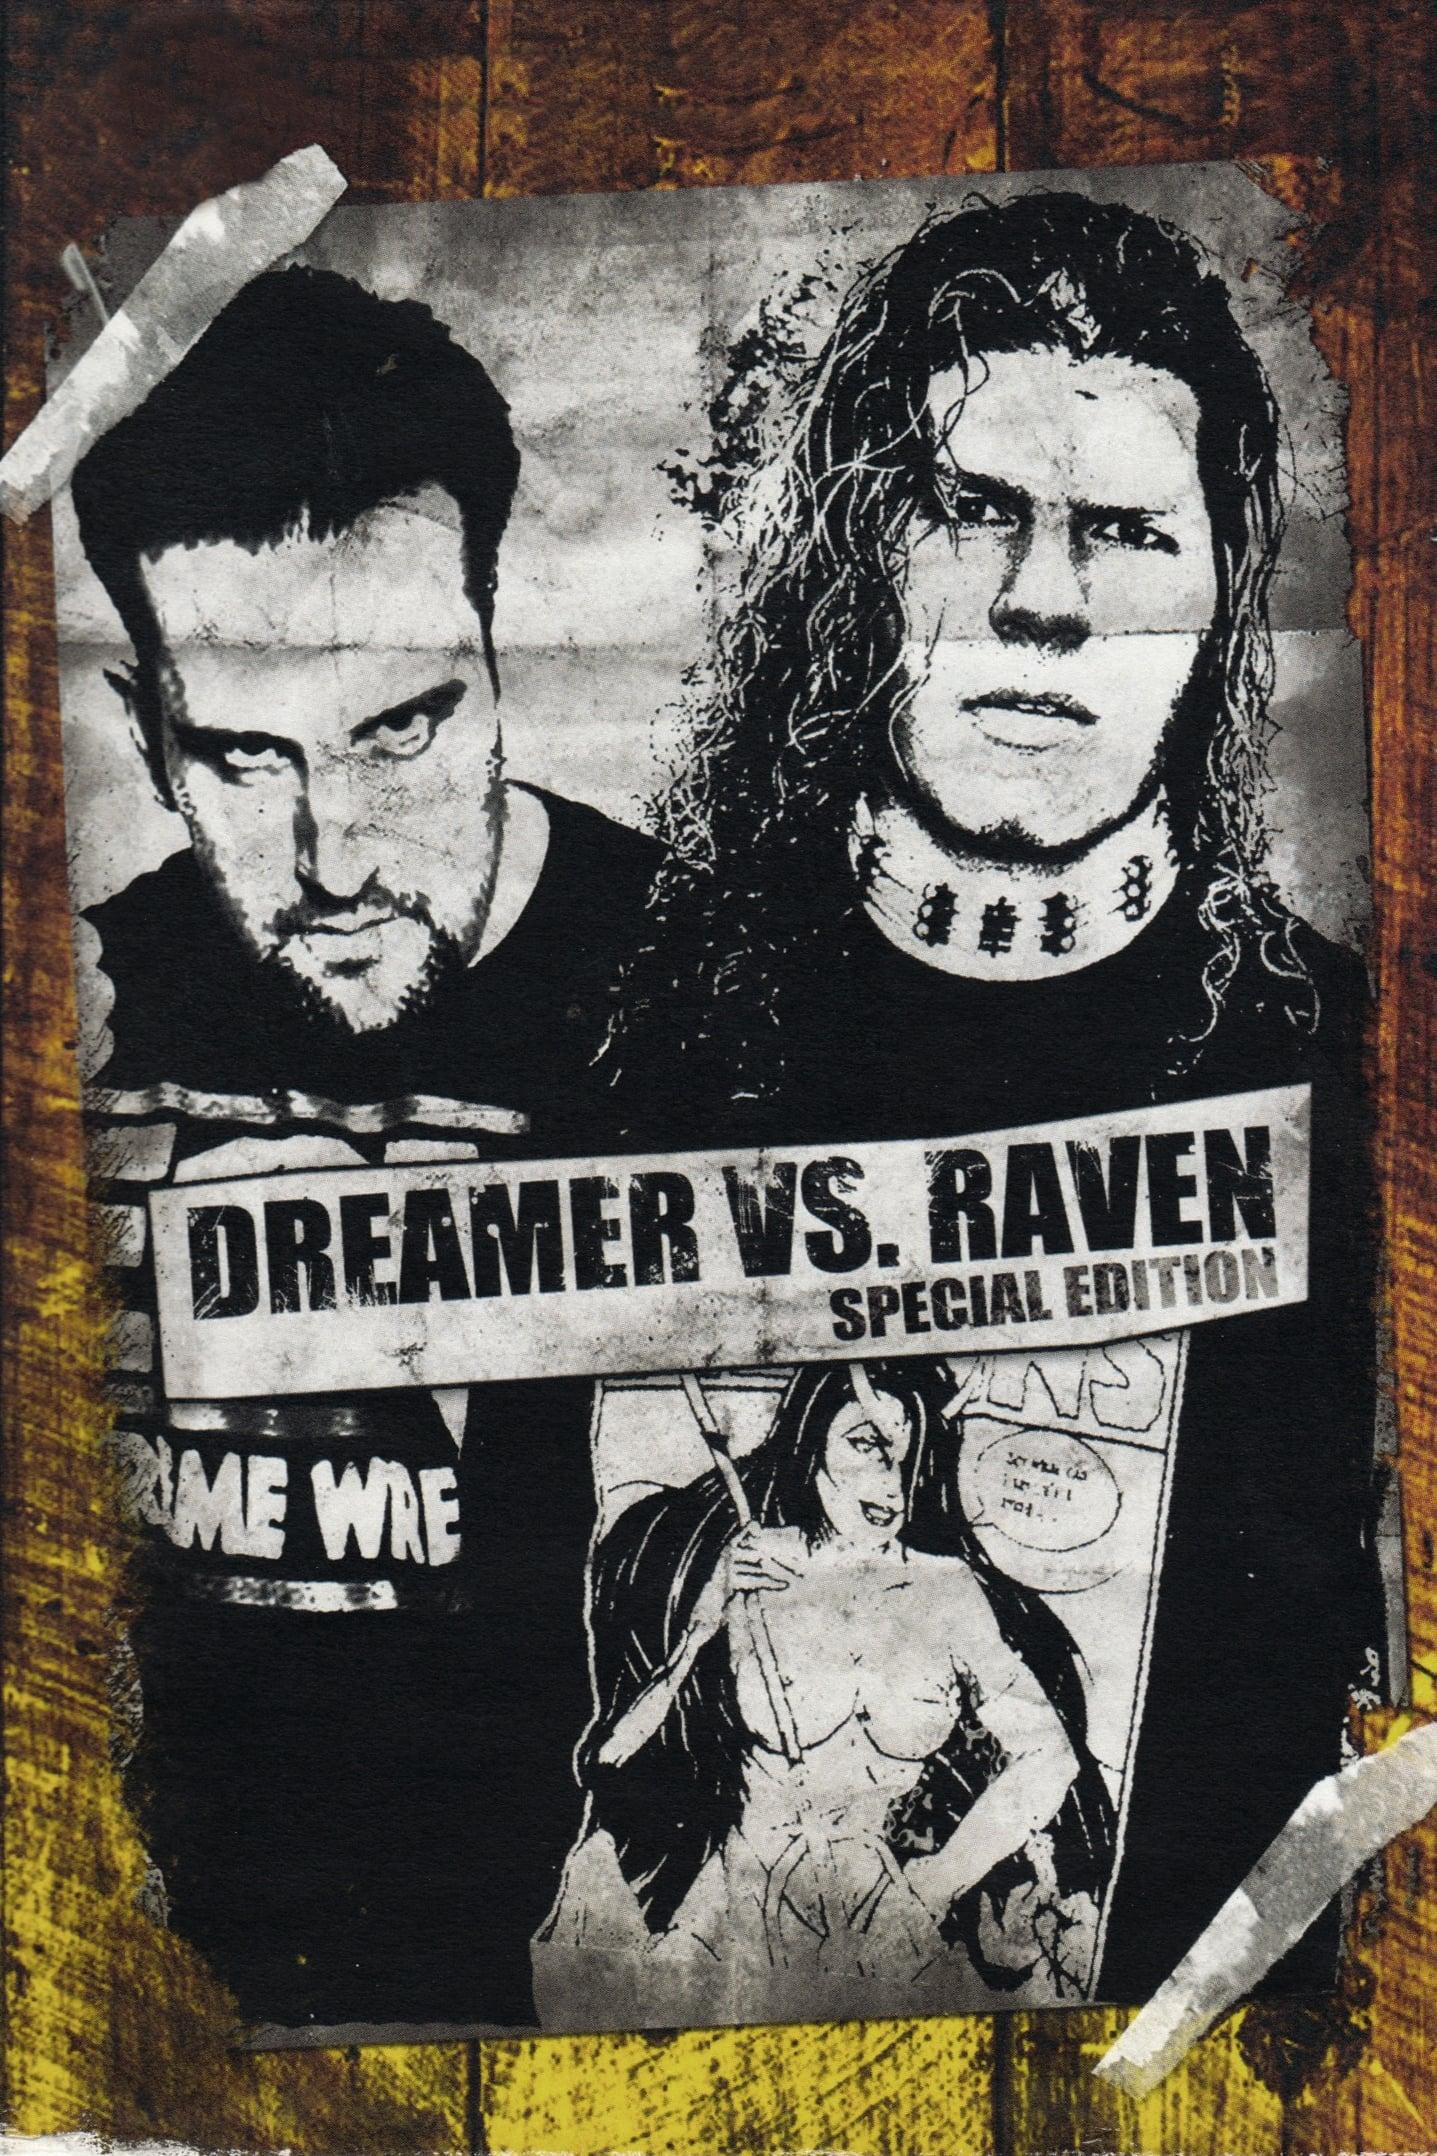 Dreamer vs Raven